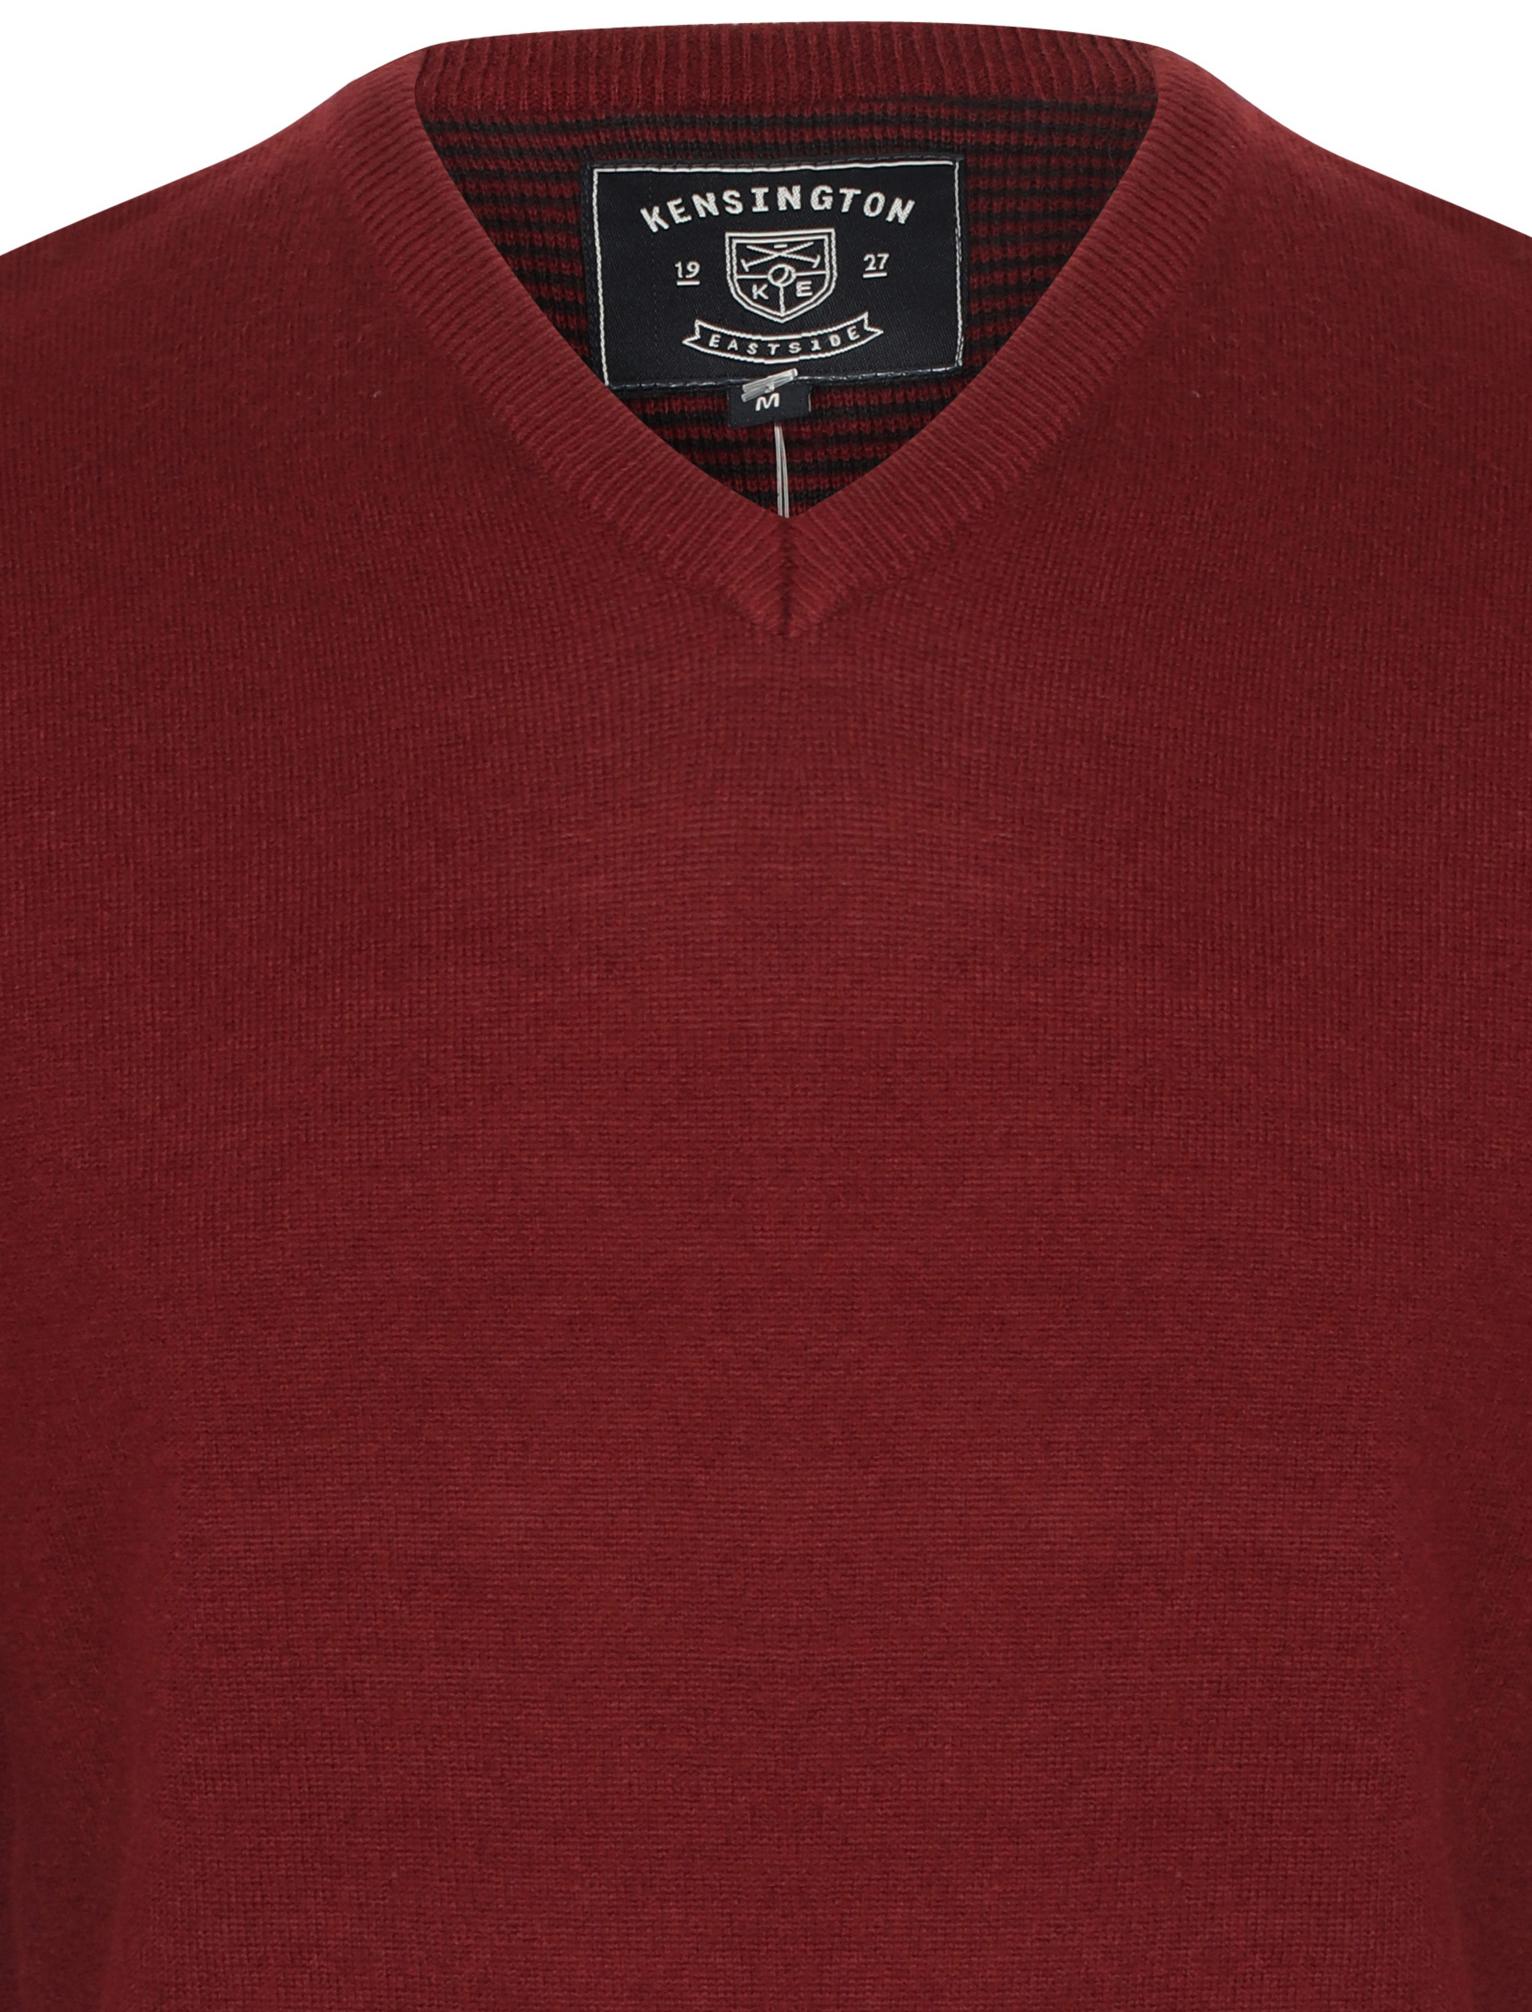 Kensington-Eastside-Men-039-s-Wool-Blend-Knitted-Crew-or-V-Neck-Jumper-Sweater-Top thumbnail 40